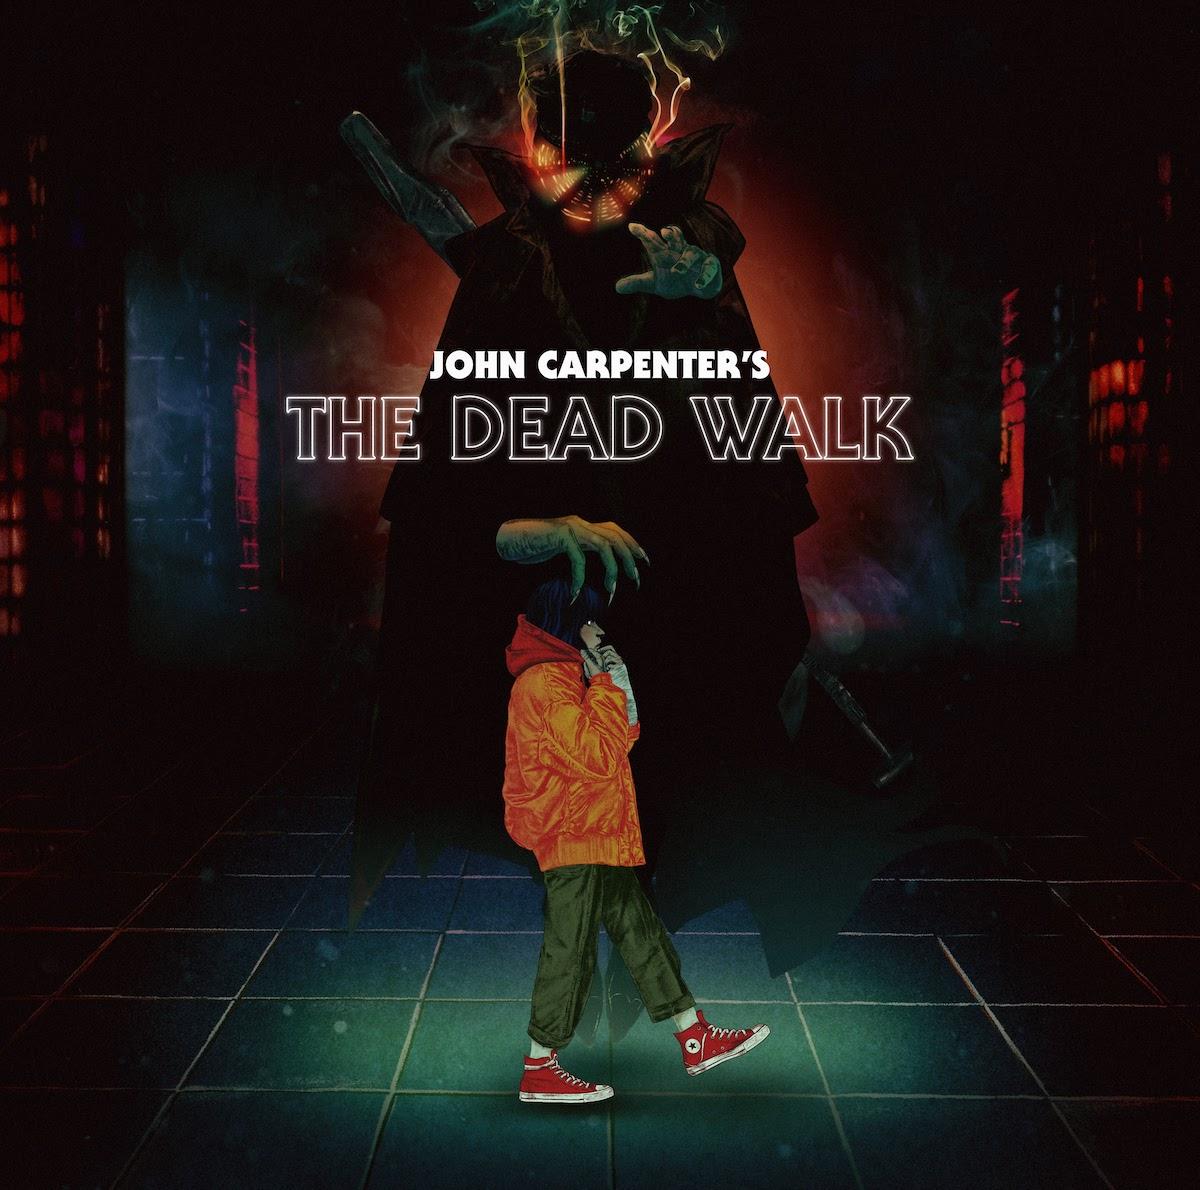 john carpenter the dead walk artwork John Carpenter Shares Chilling New Song The Dead Walk: Stream